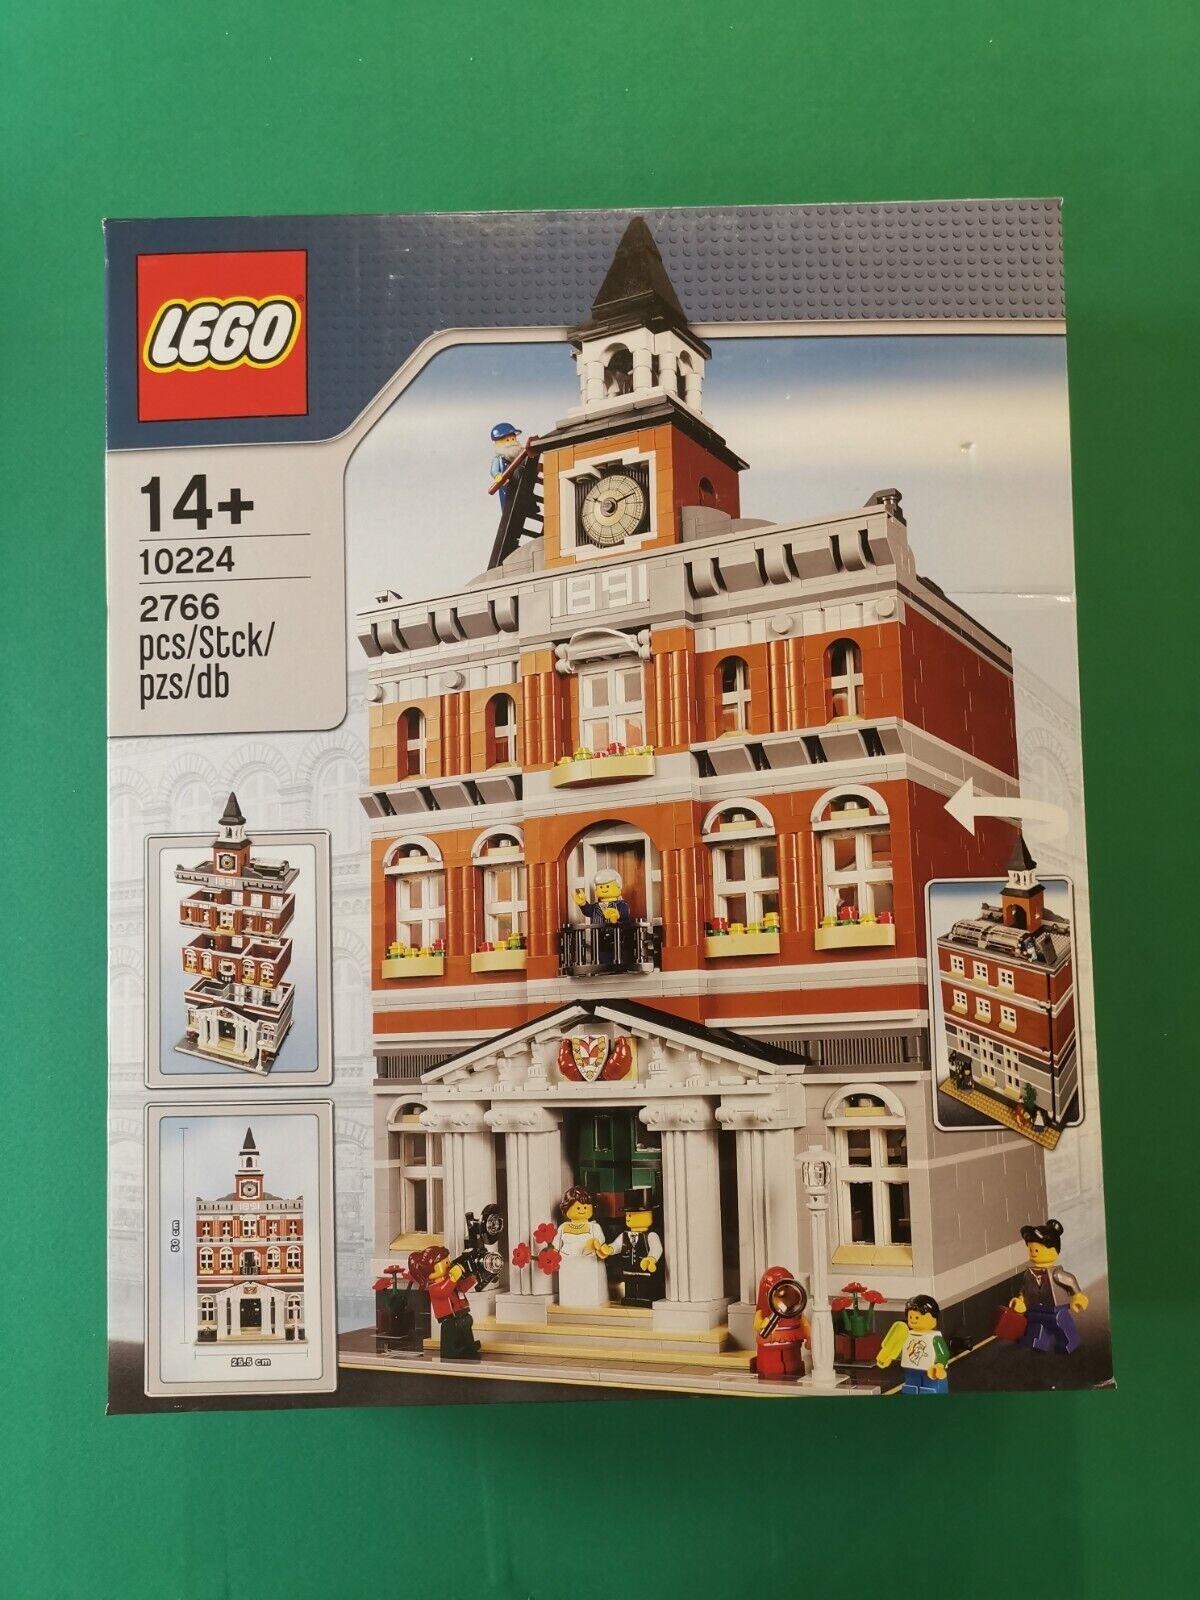 LEGO 10224 Town Hall Nisb Box  2